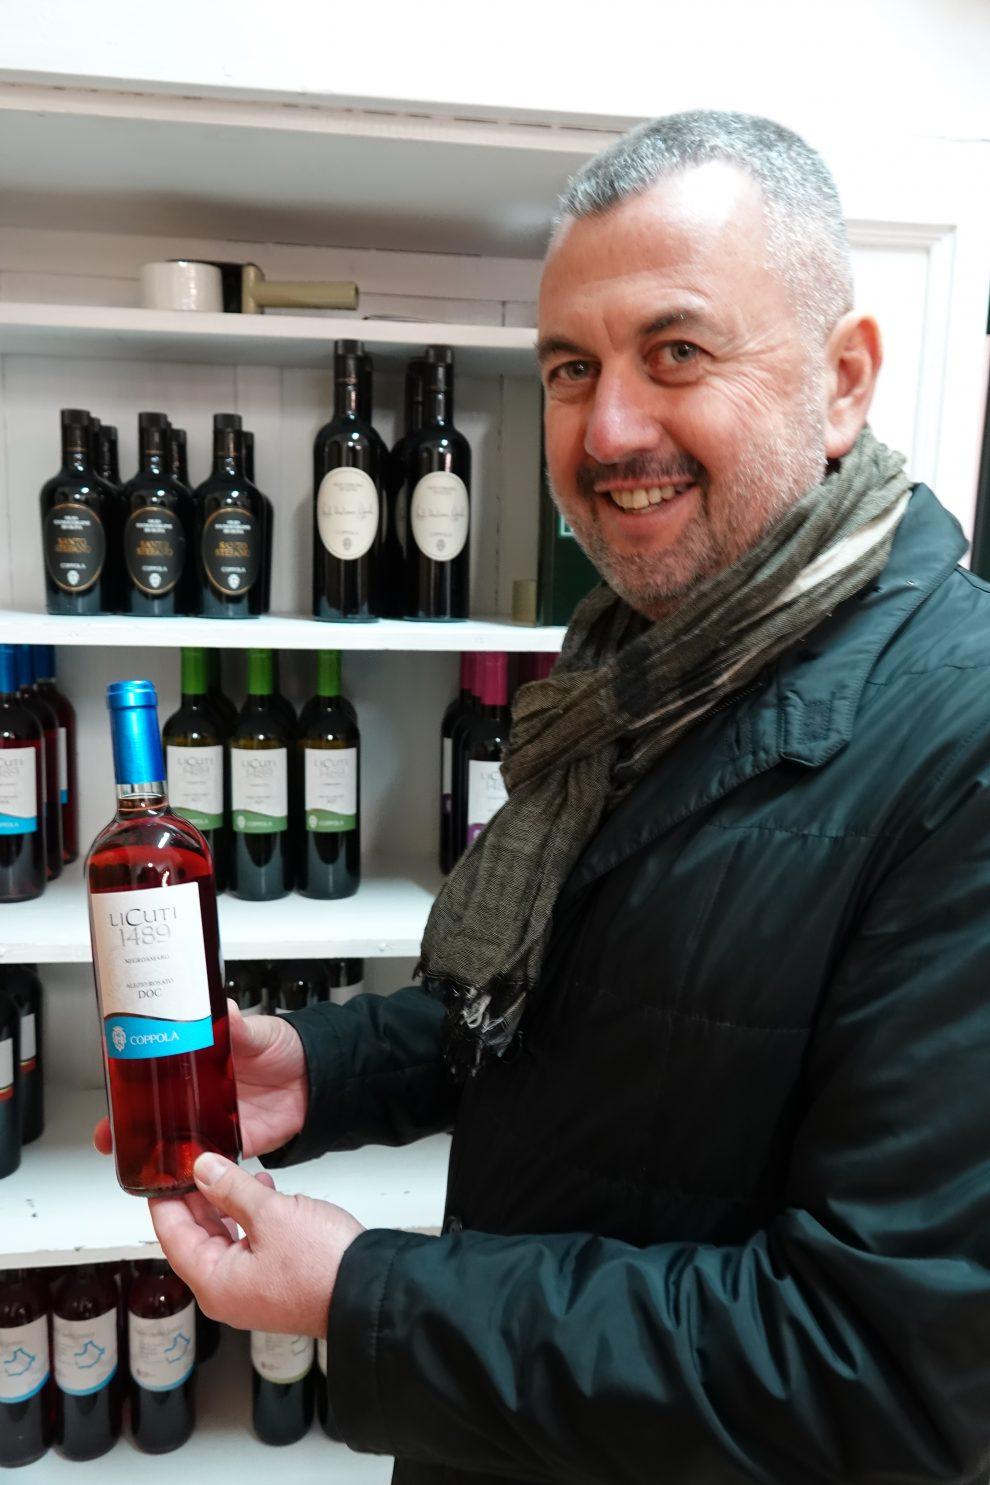 Giuseppe Coppola con una bottiglia dei suoi vini pregiati.